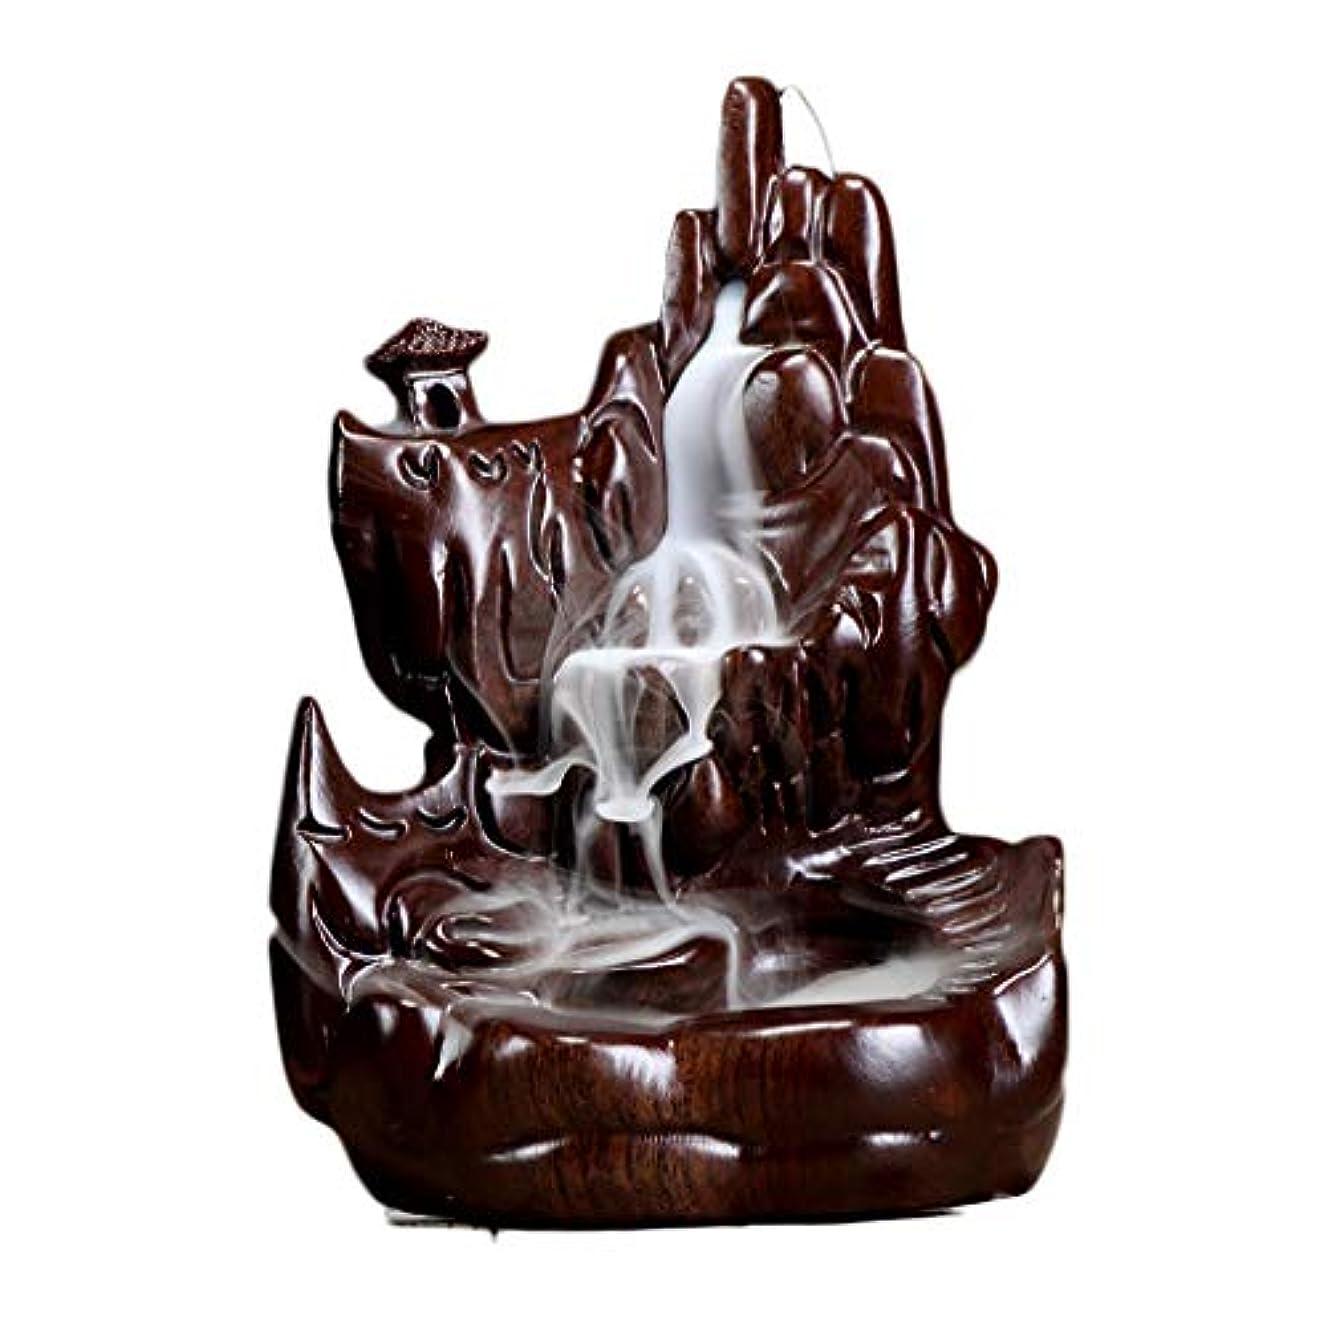 偏見説得力のある賛辞芳香器?アロマバーナー 逆流の香り現代中国の香炉仏の部屋の香炉の黒檀の木材香の香炉アロマセラピー炉 アロマバーナー (Color : Black and ebony)